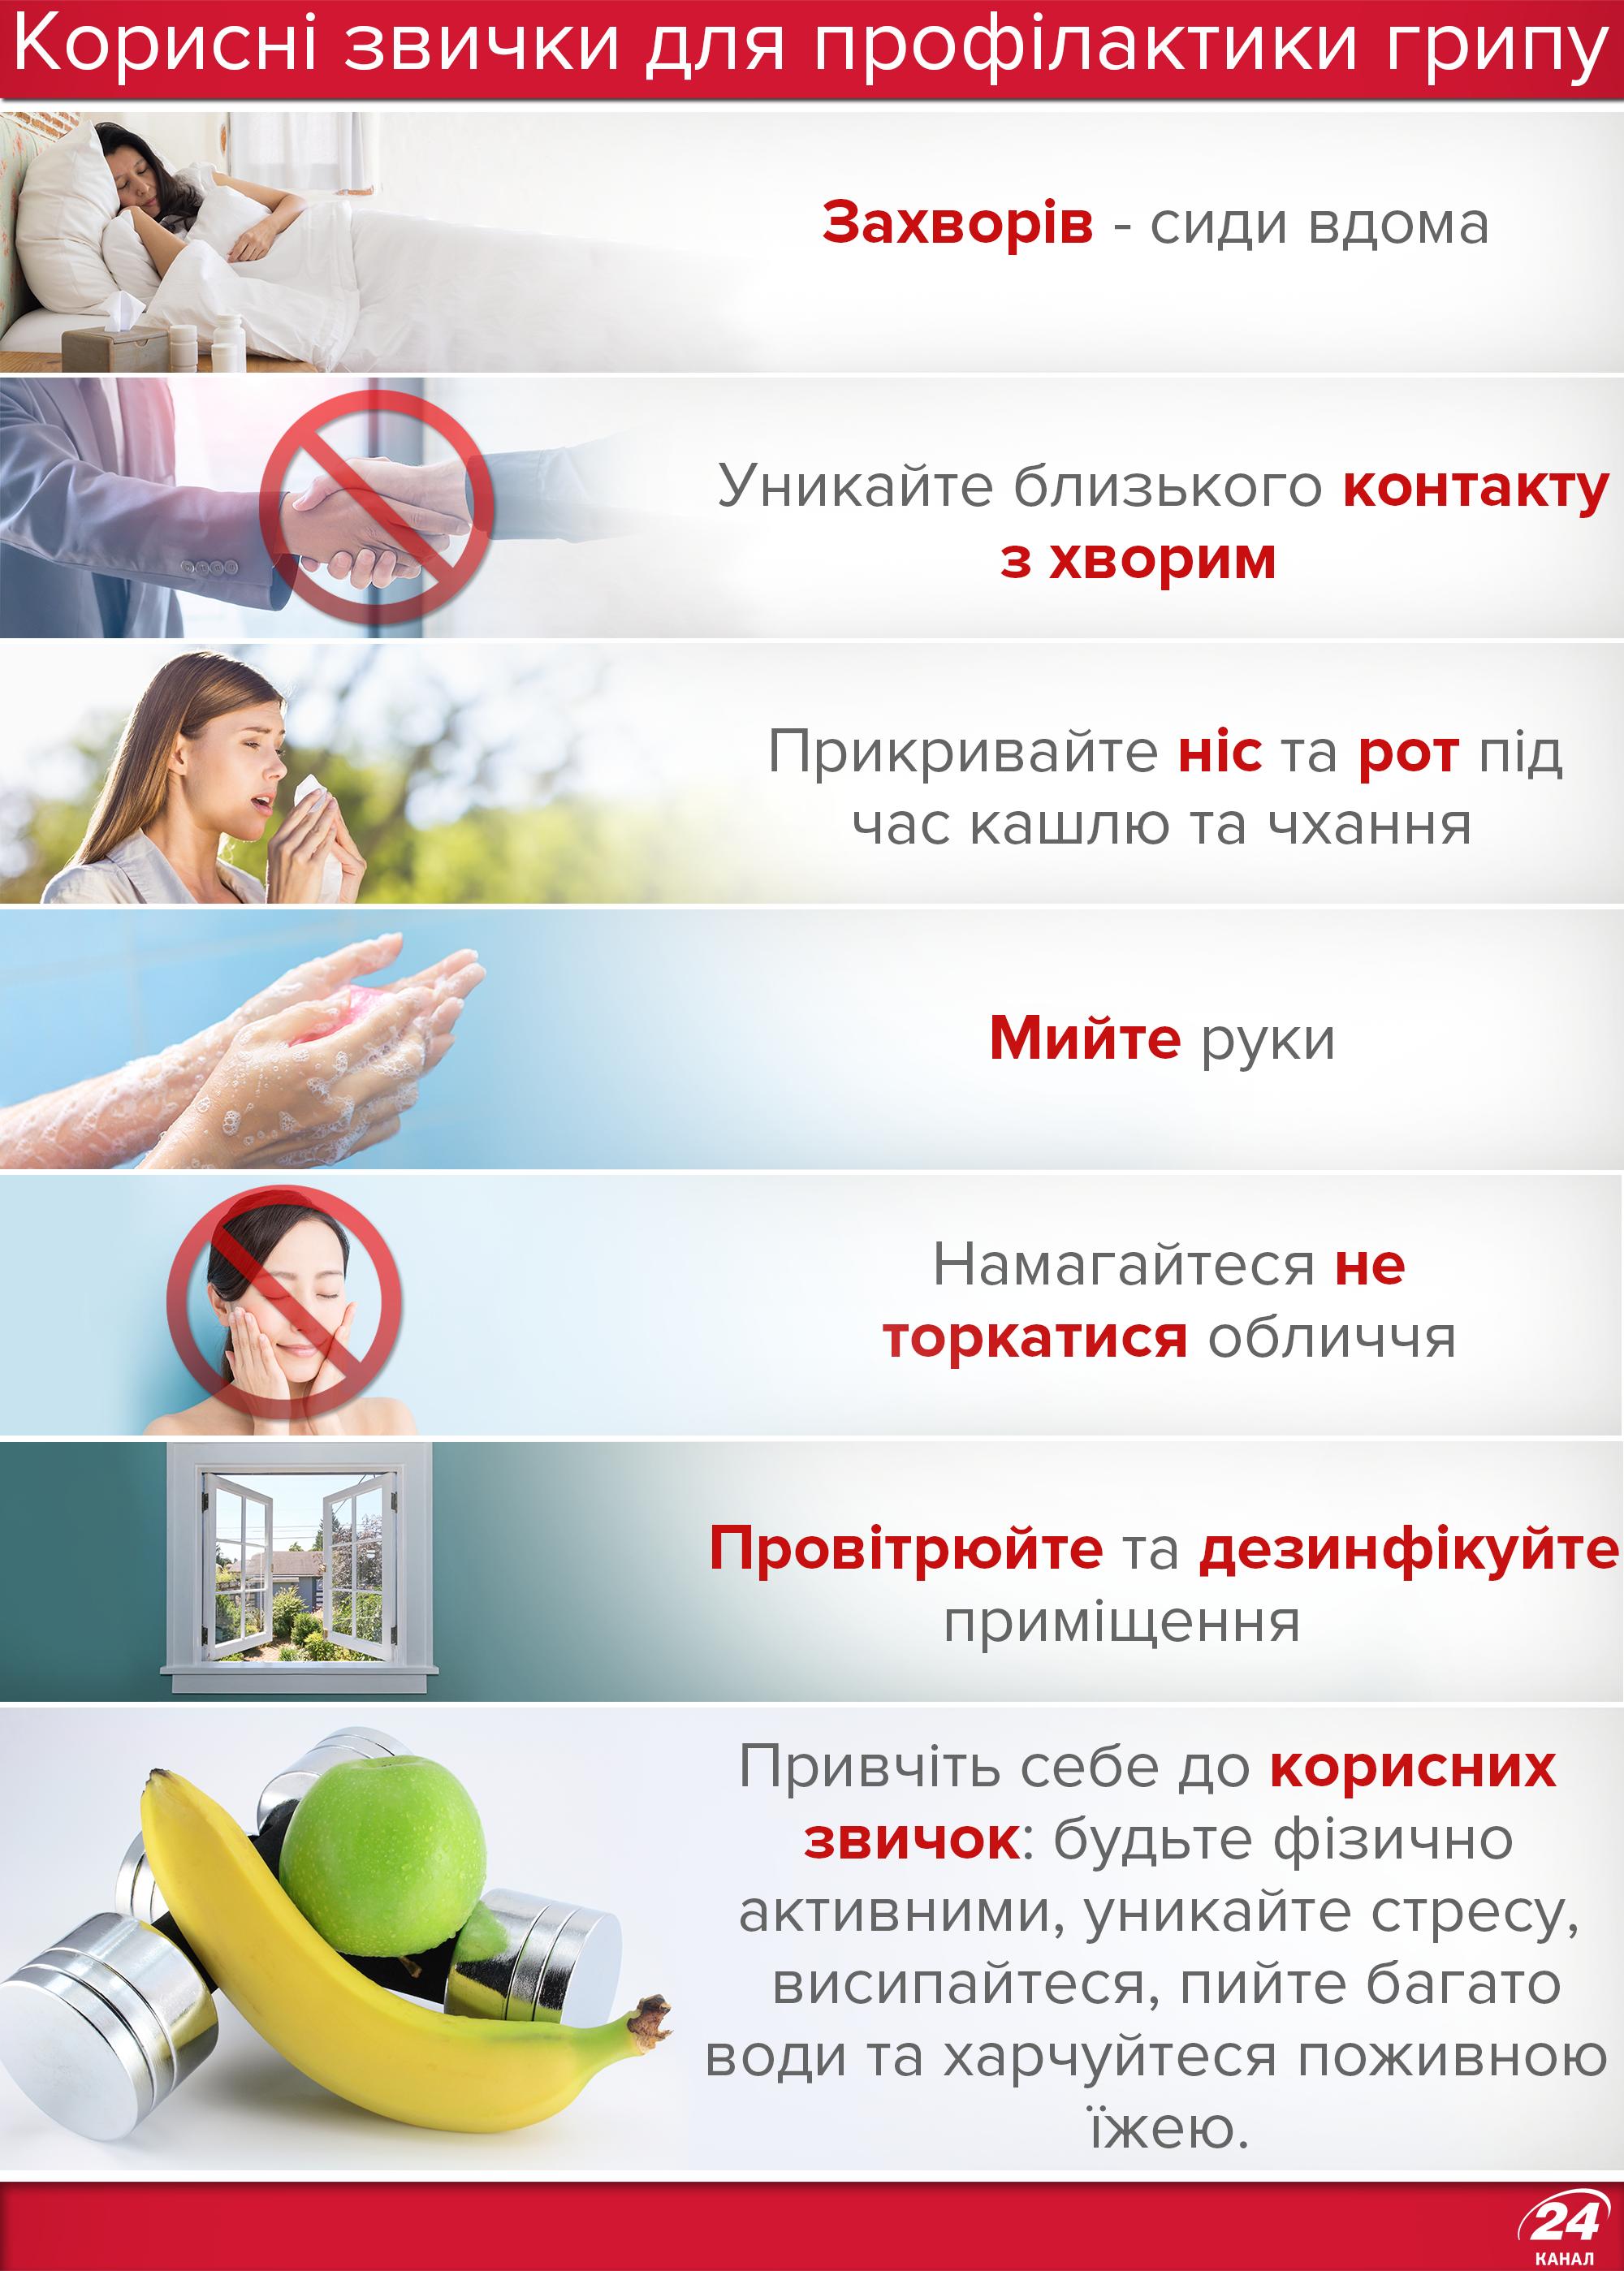 профілактика грипу що робити щоб не захворіти на грип поради